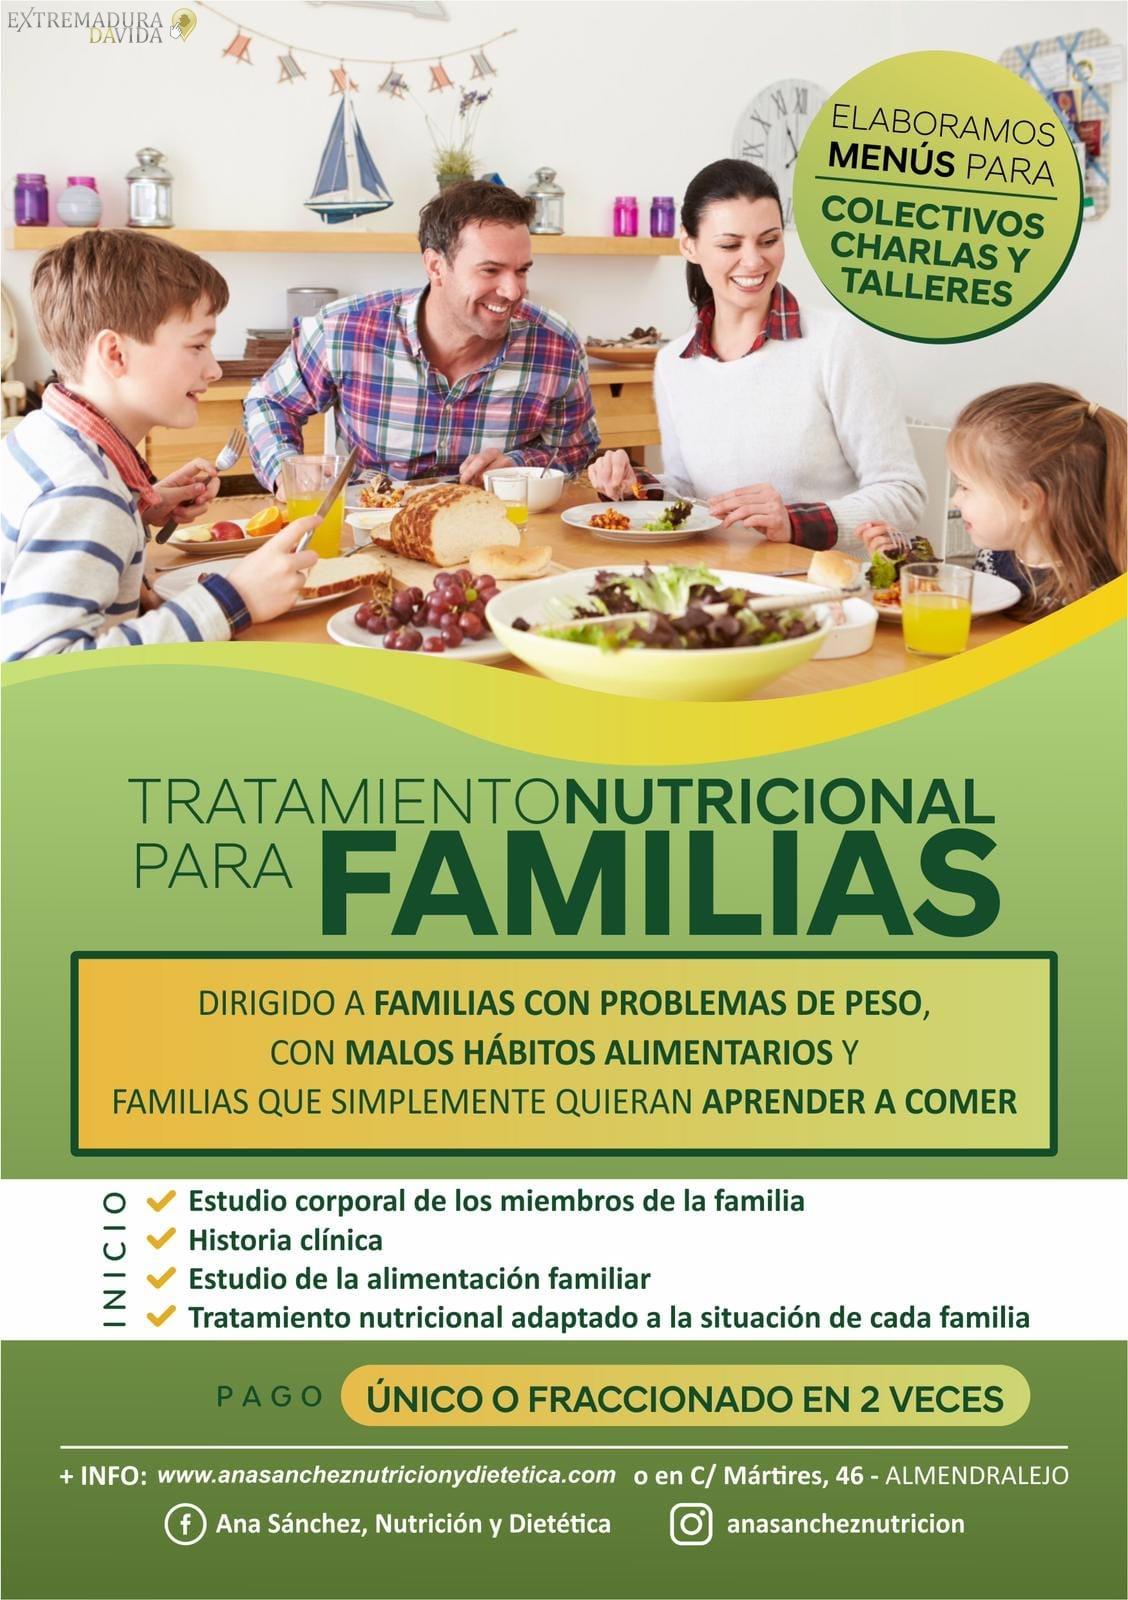 Nutricionista Dietista en Almendralejo Ana Sánchez